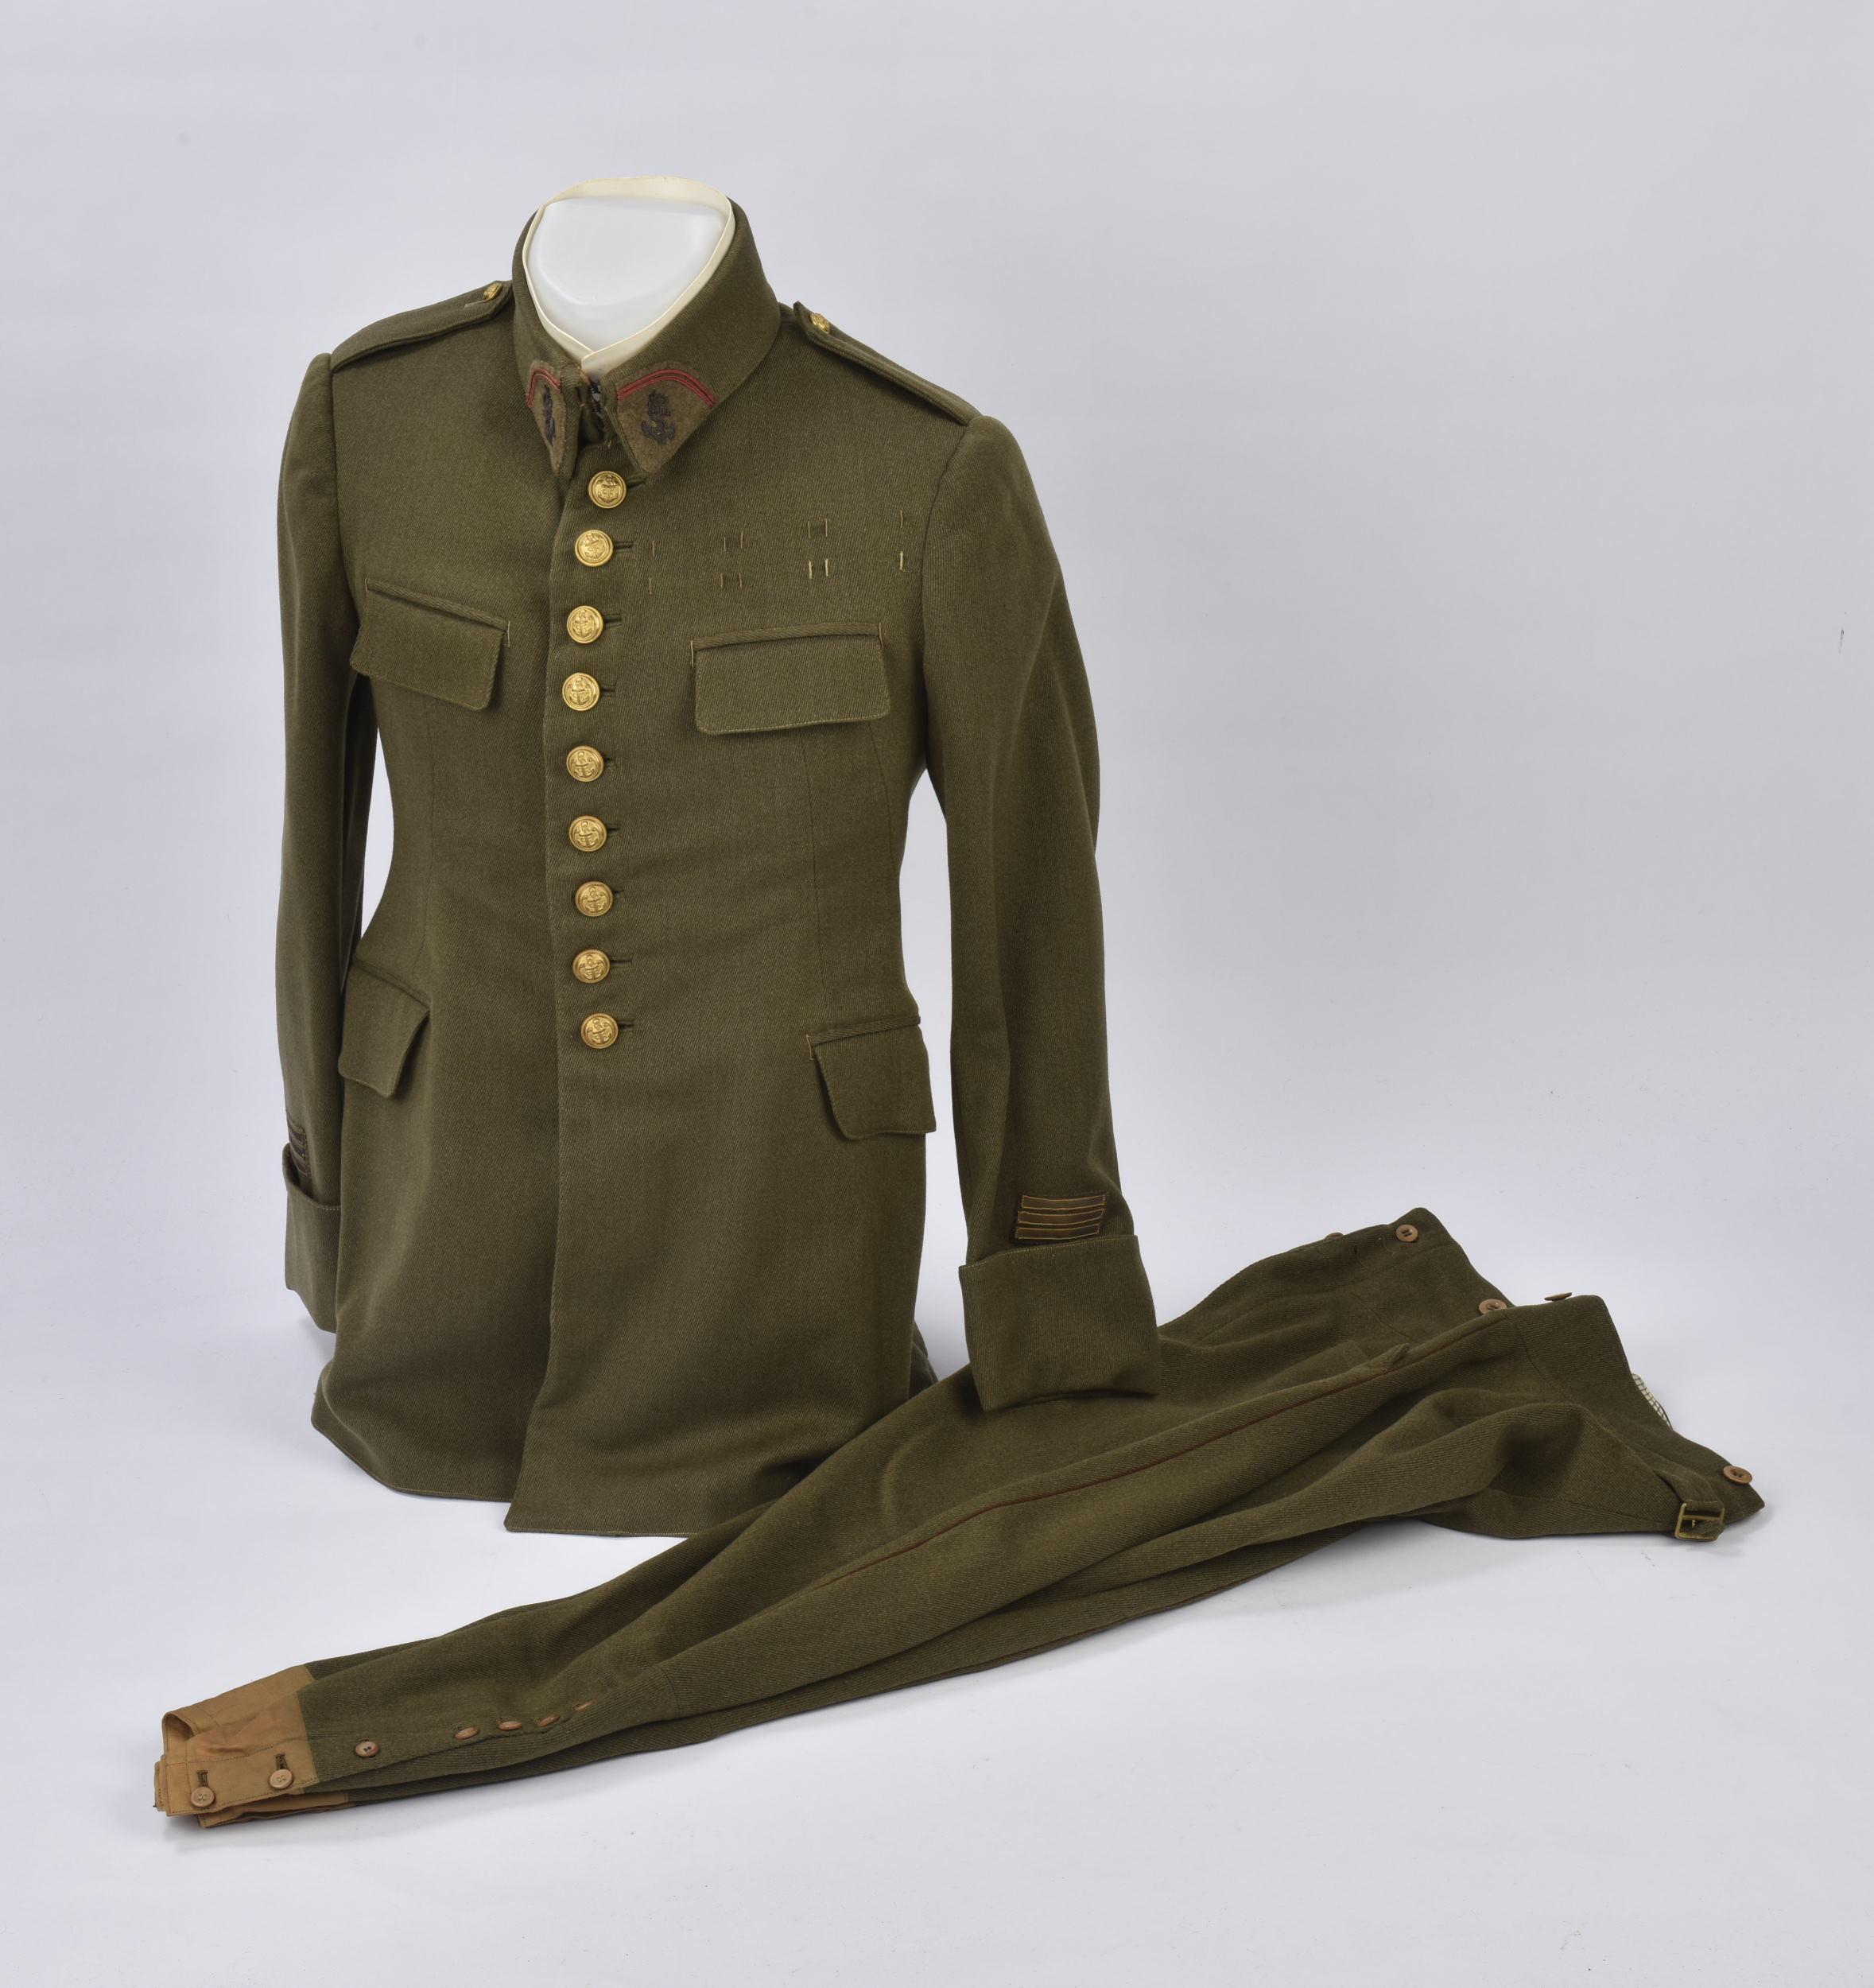 Capitaine Culotte Veste Boutons Et Ensemble D'infanterie Coloniale 9 De dxeWCBQro